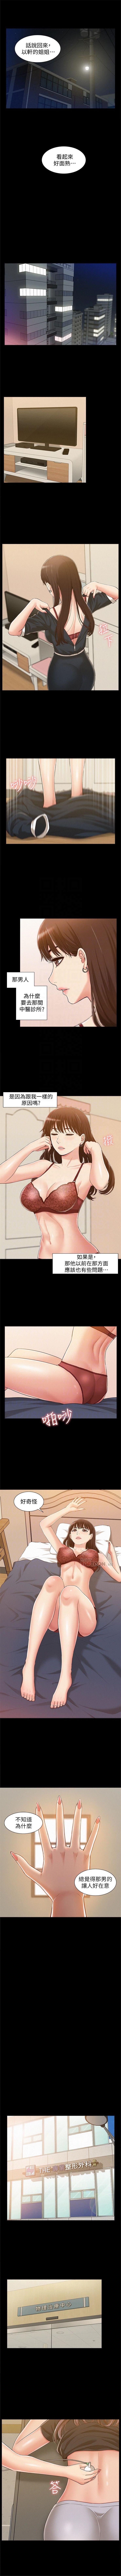 (週4)難言之隱 1-24 中文翻譯(更新中) 47